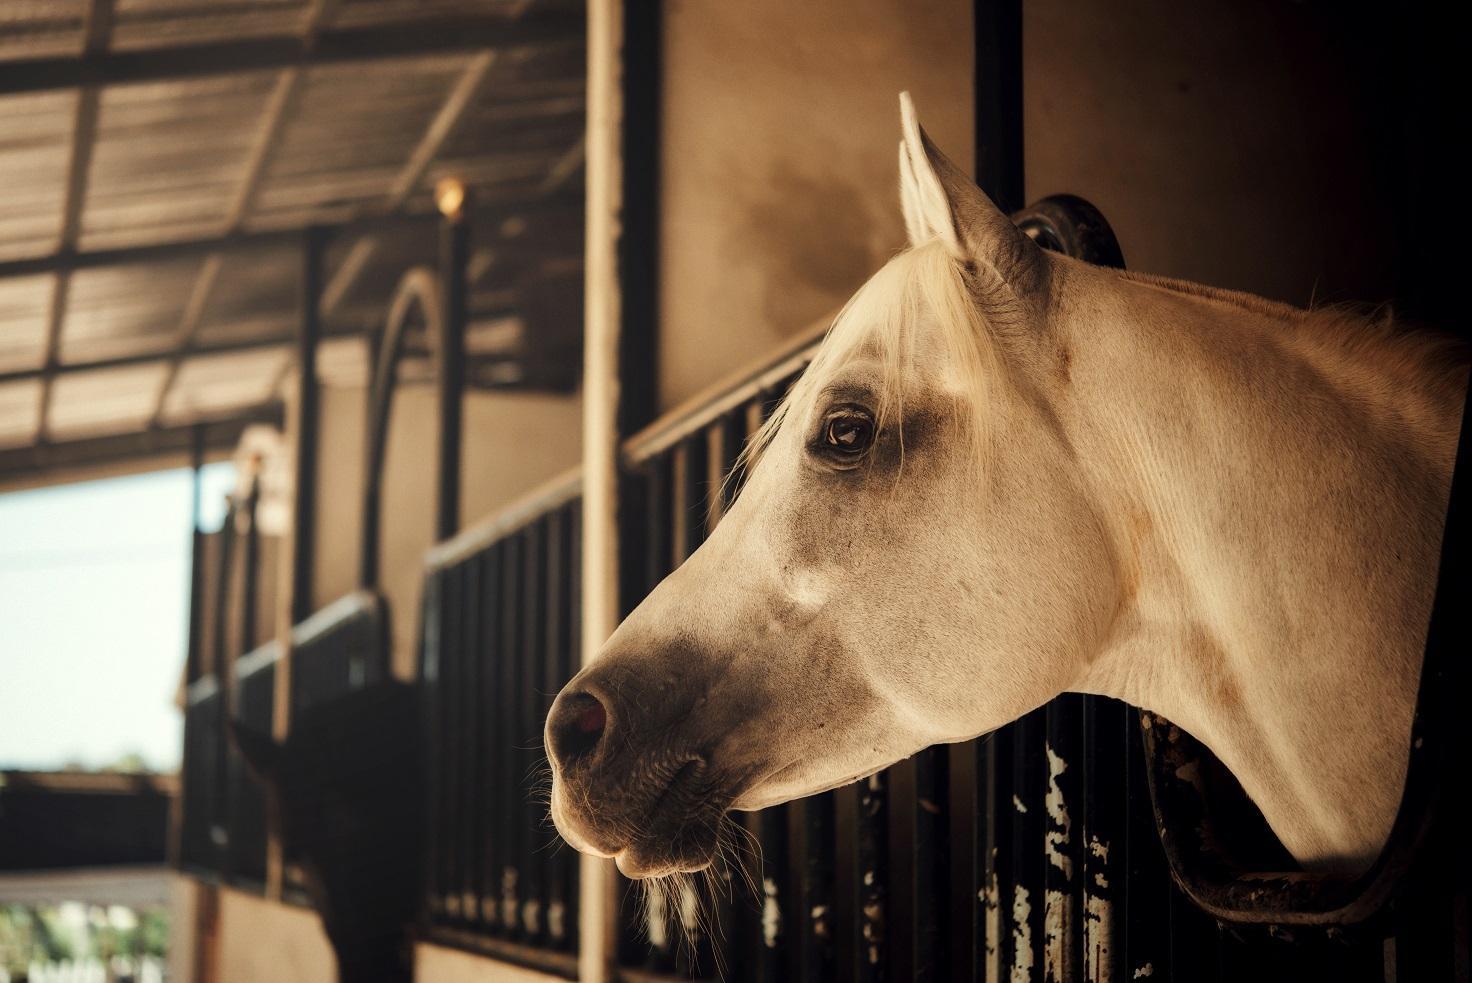 LED paardenstal verlichting. Aangename en duurzame verlichting